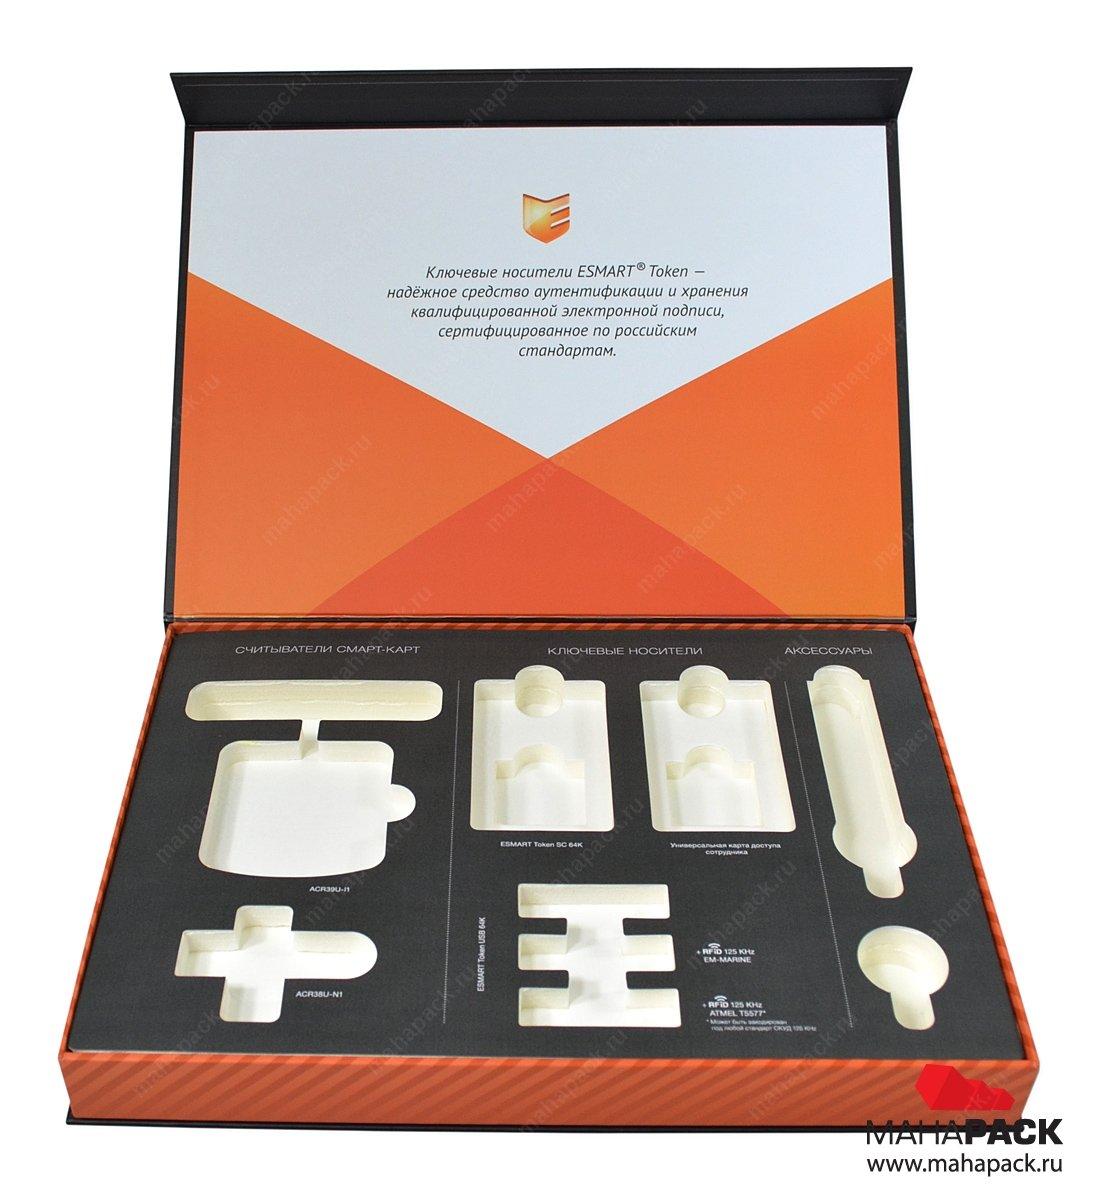 Кашированная упаковка с двухуровневым ложементом